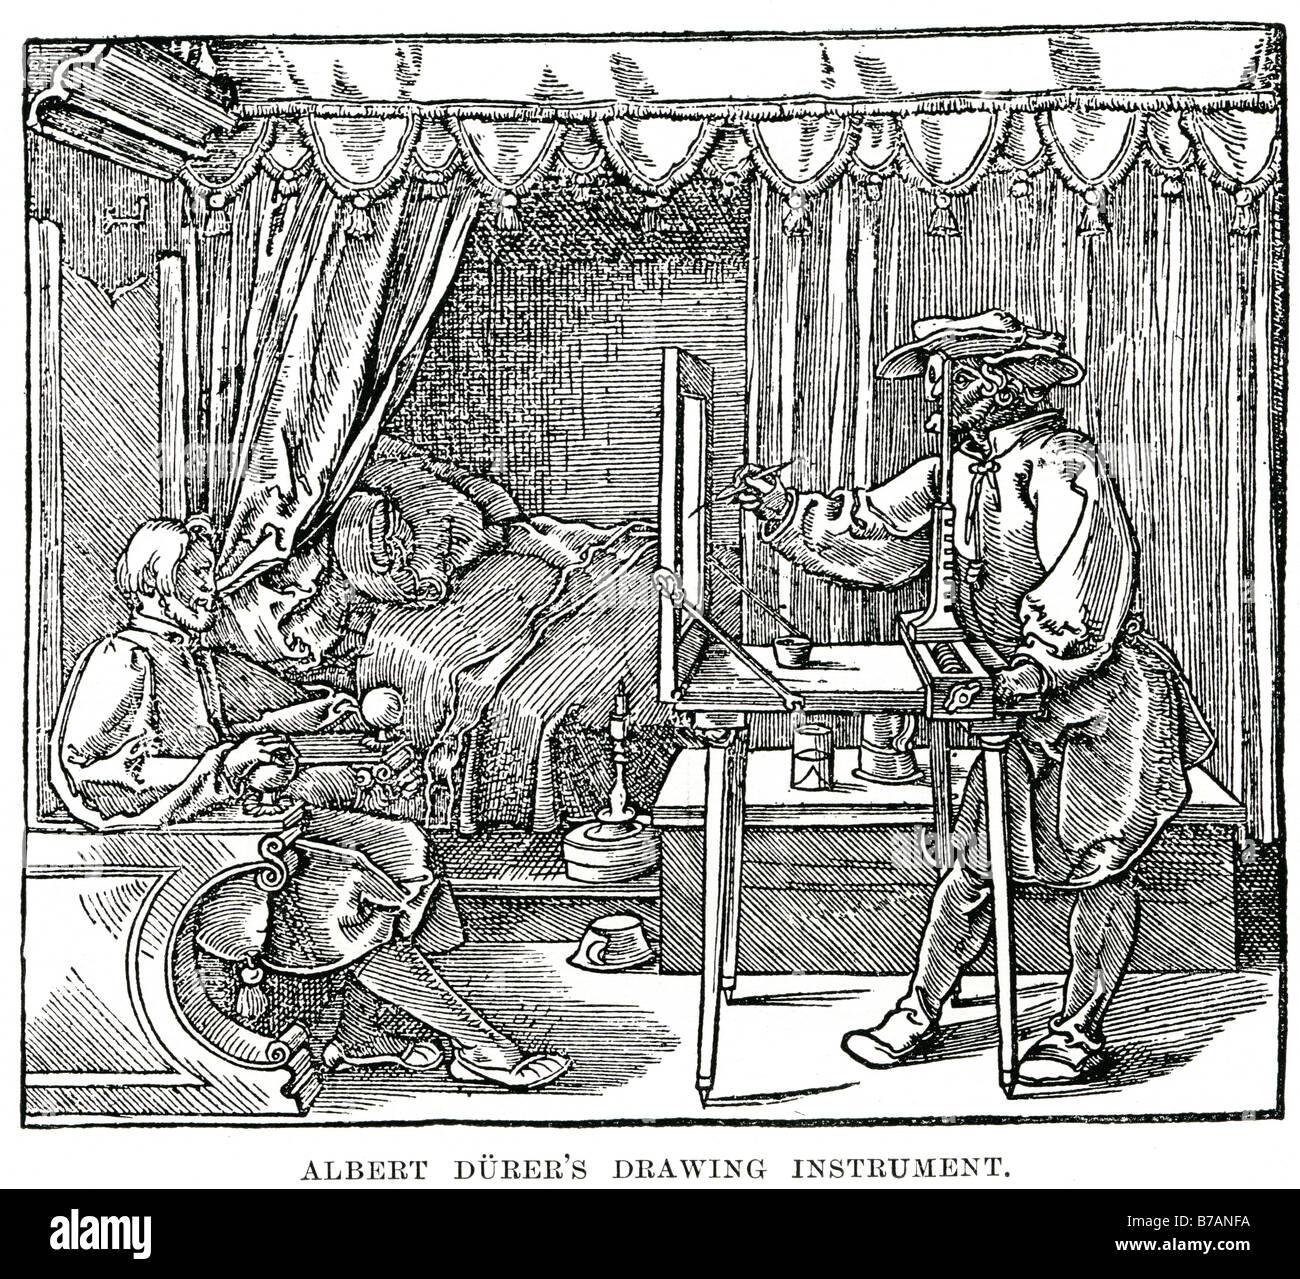 Albert Durer Zeichnung Instrument Albrecht Dürer 21 Mai 1471 ? April 6 1528 deutscher Maler Grafiker Theoretiker Stockbild